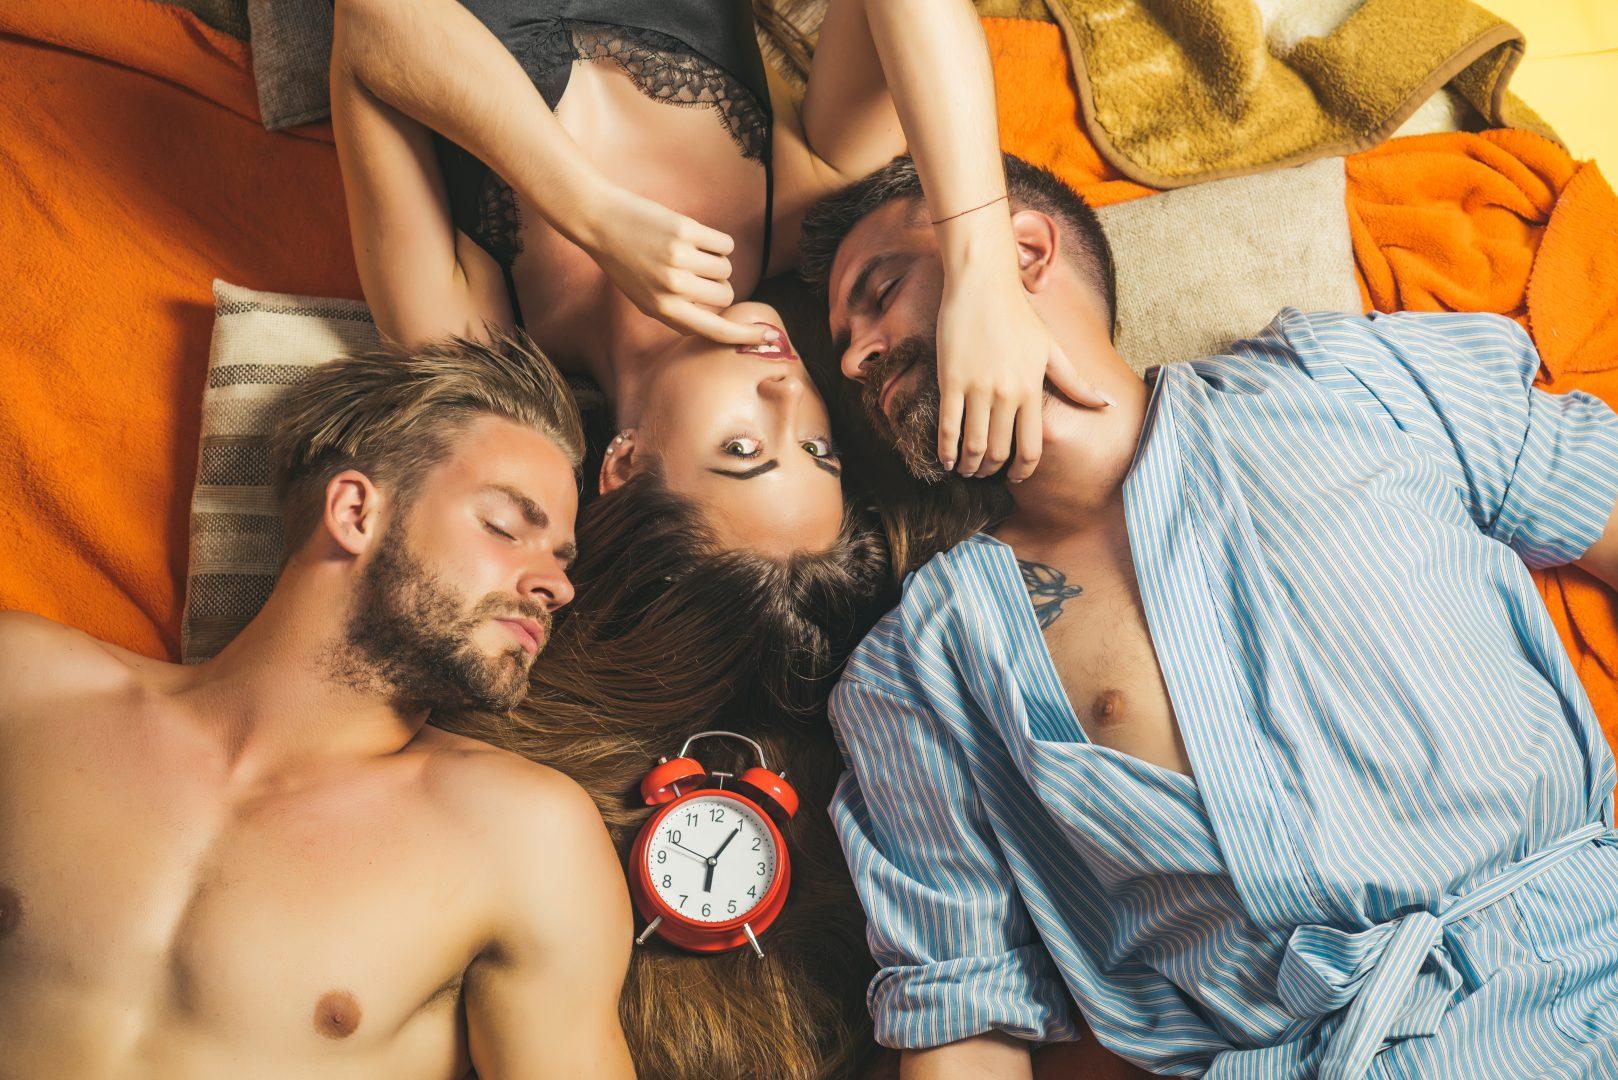 Swingers som ønsker å ha sex